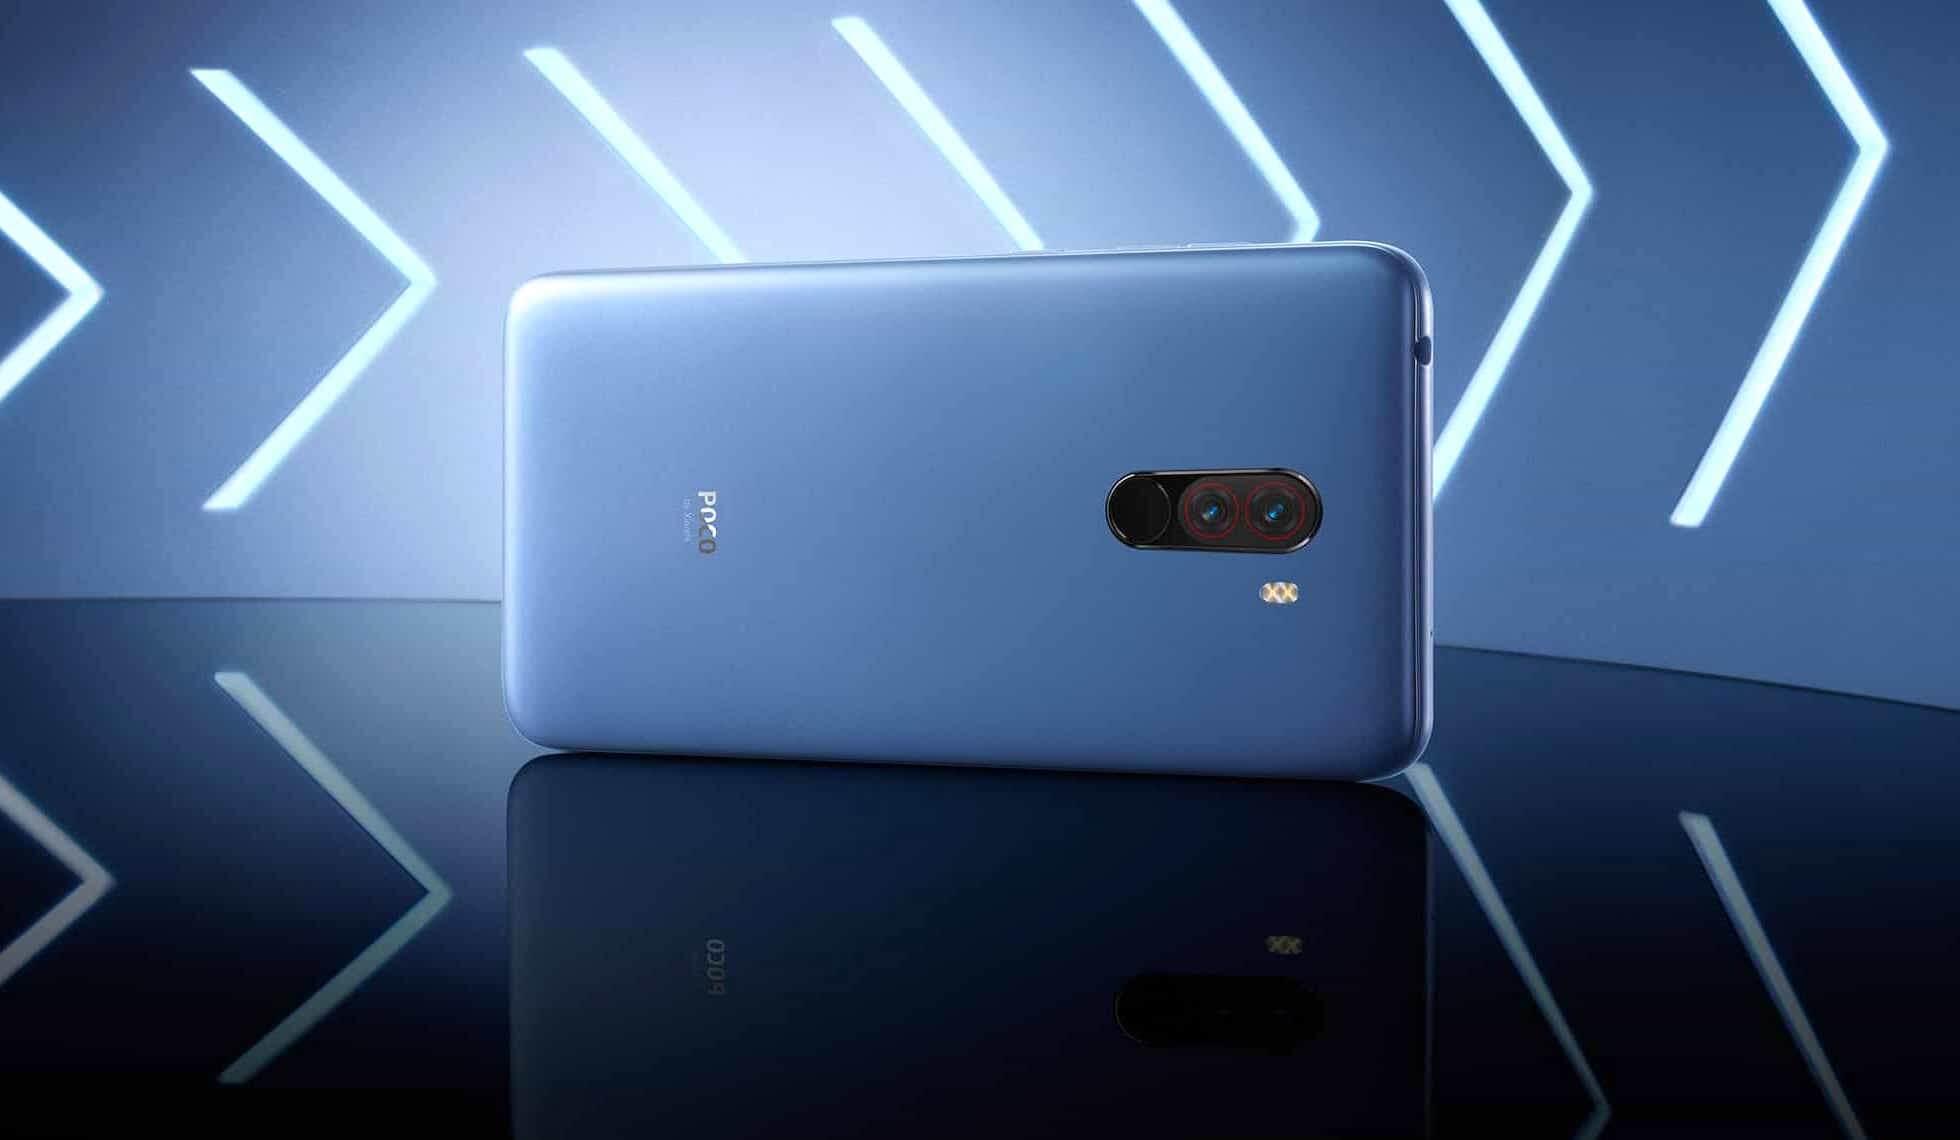 Thương hiệu Poco sẽ tách khỏi Xiaomi 2